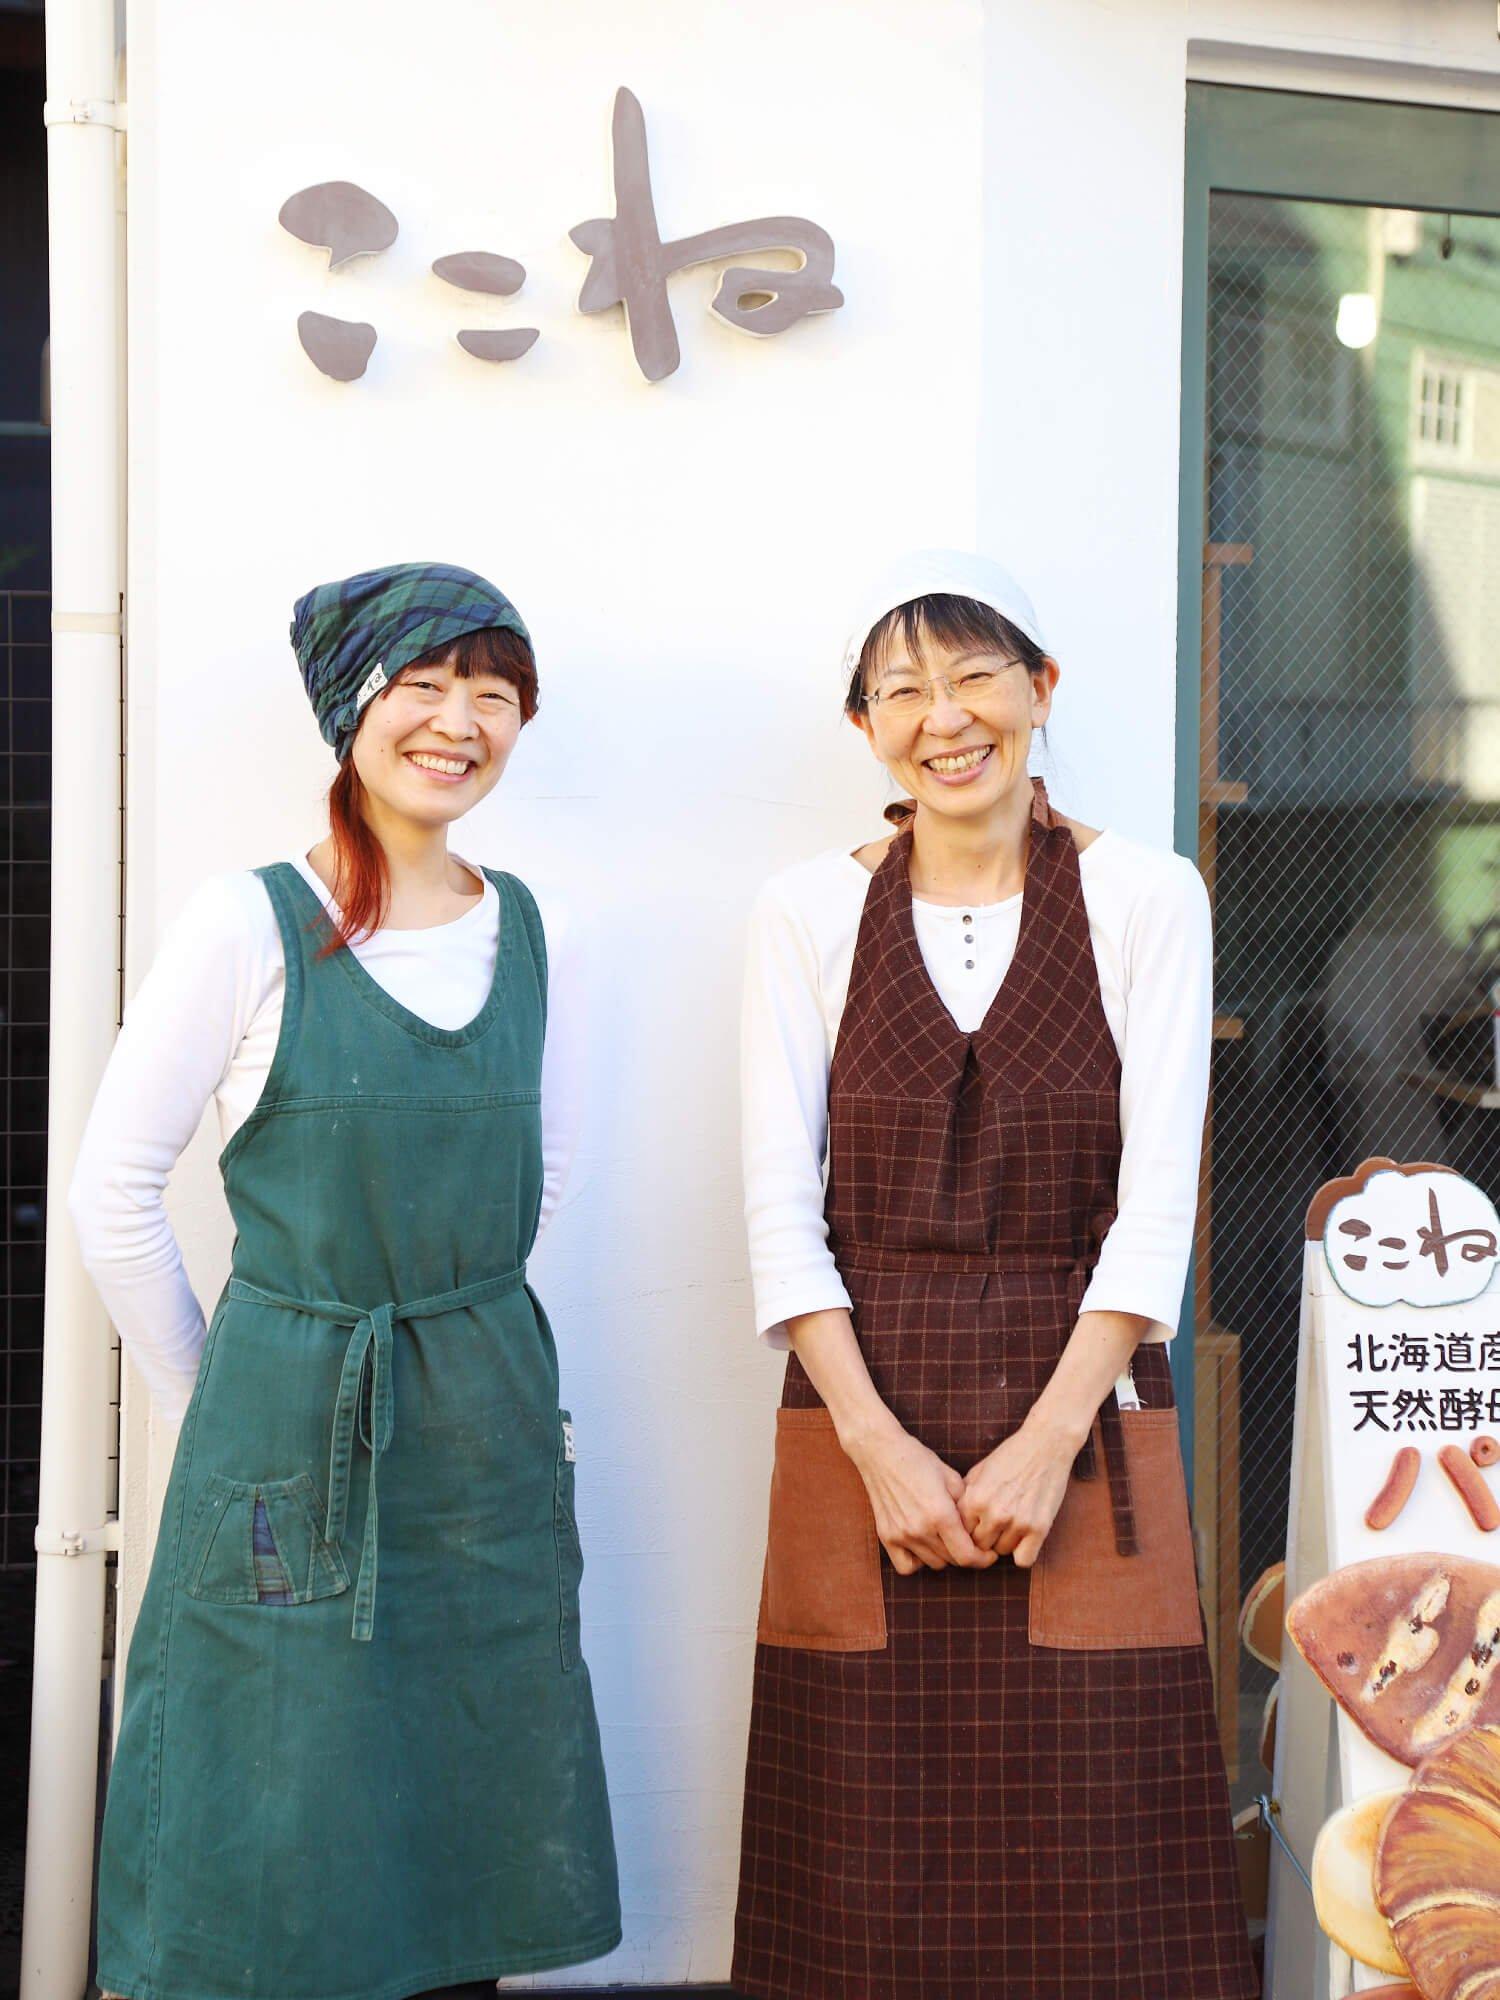 以前お互いが働いていたパン屋で出会ったという山本さん(左)と麦畑さん。